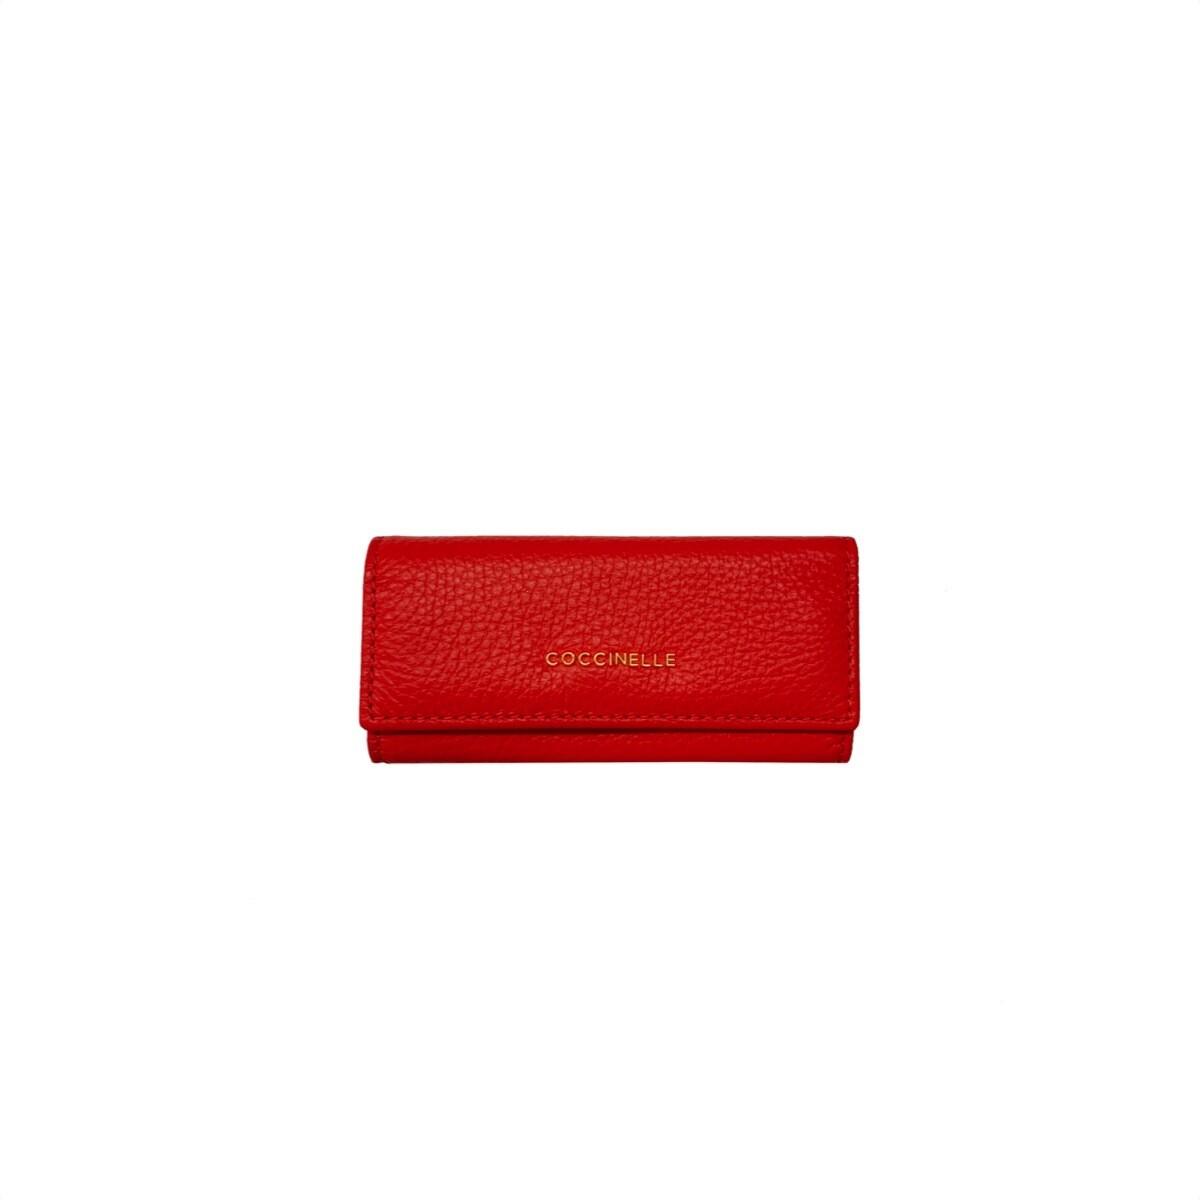 COCCINELLE - Metallic Soft Portachiavi chiuso - Polish Red